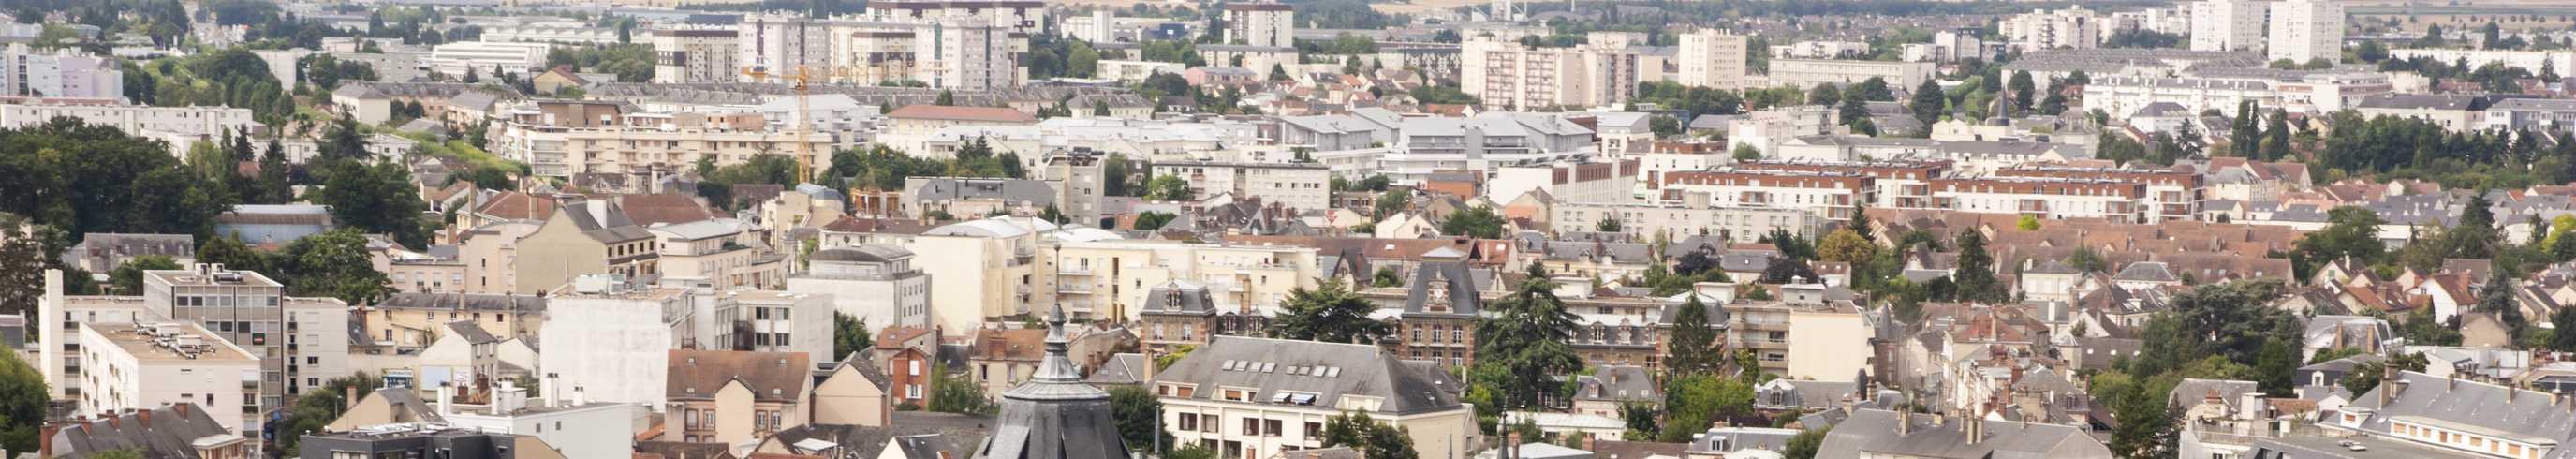 Eure-et-Loir département